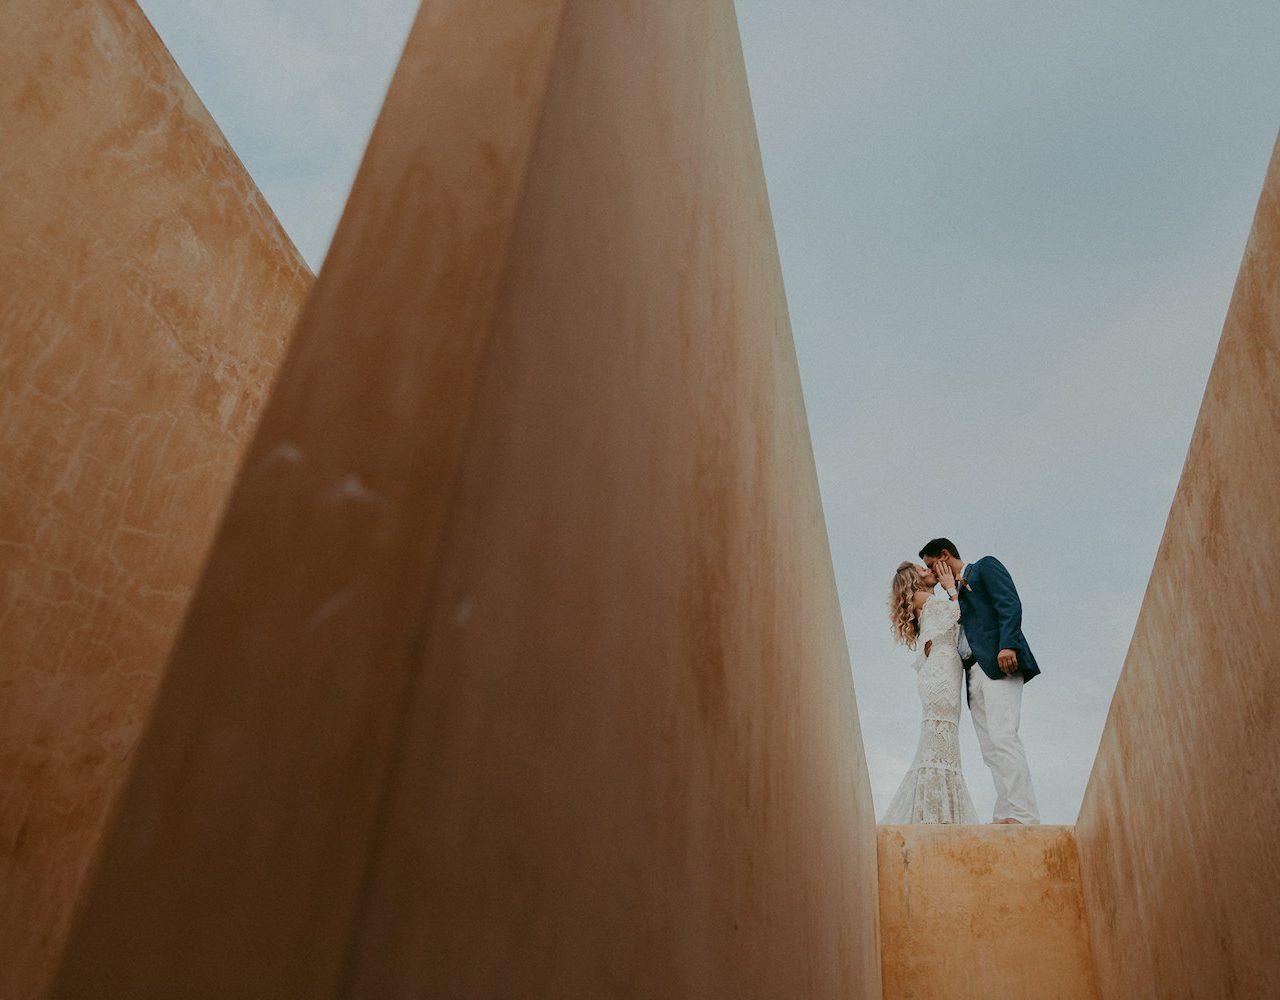 ¿Cómo personalizar tu boda? 6 formas básicas y mega cool